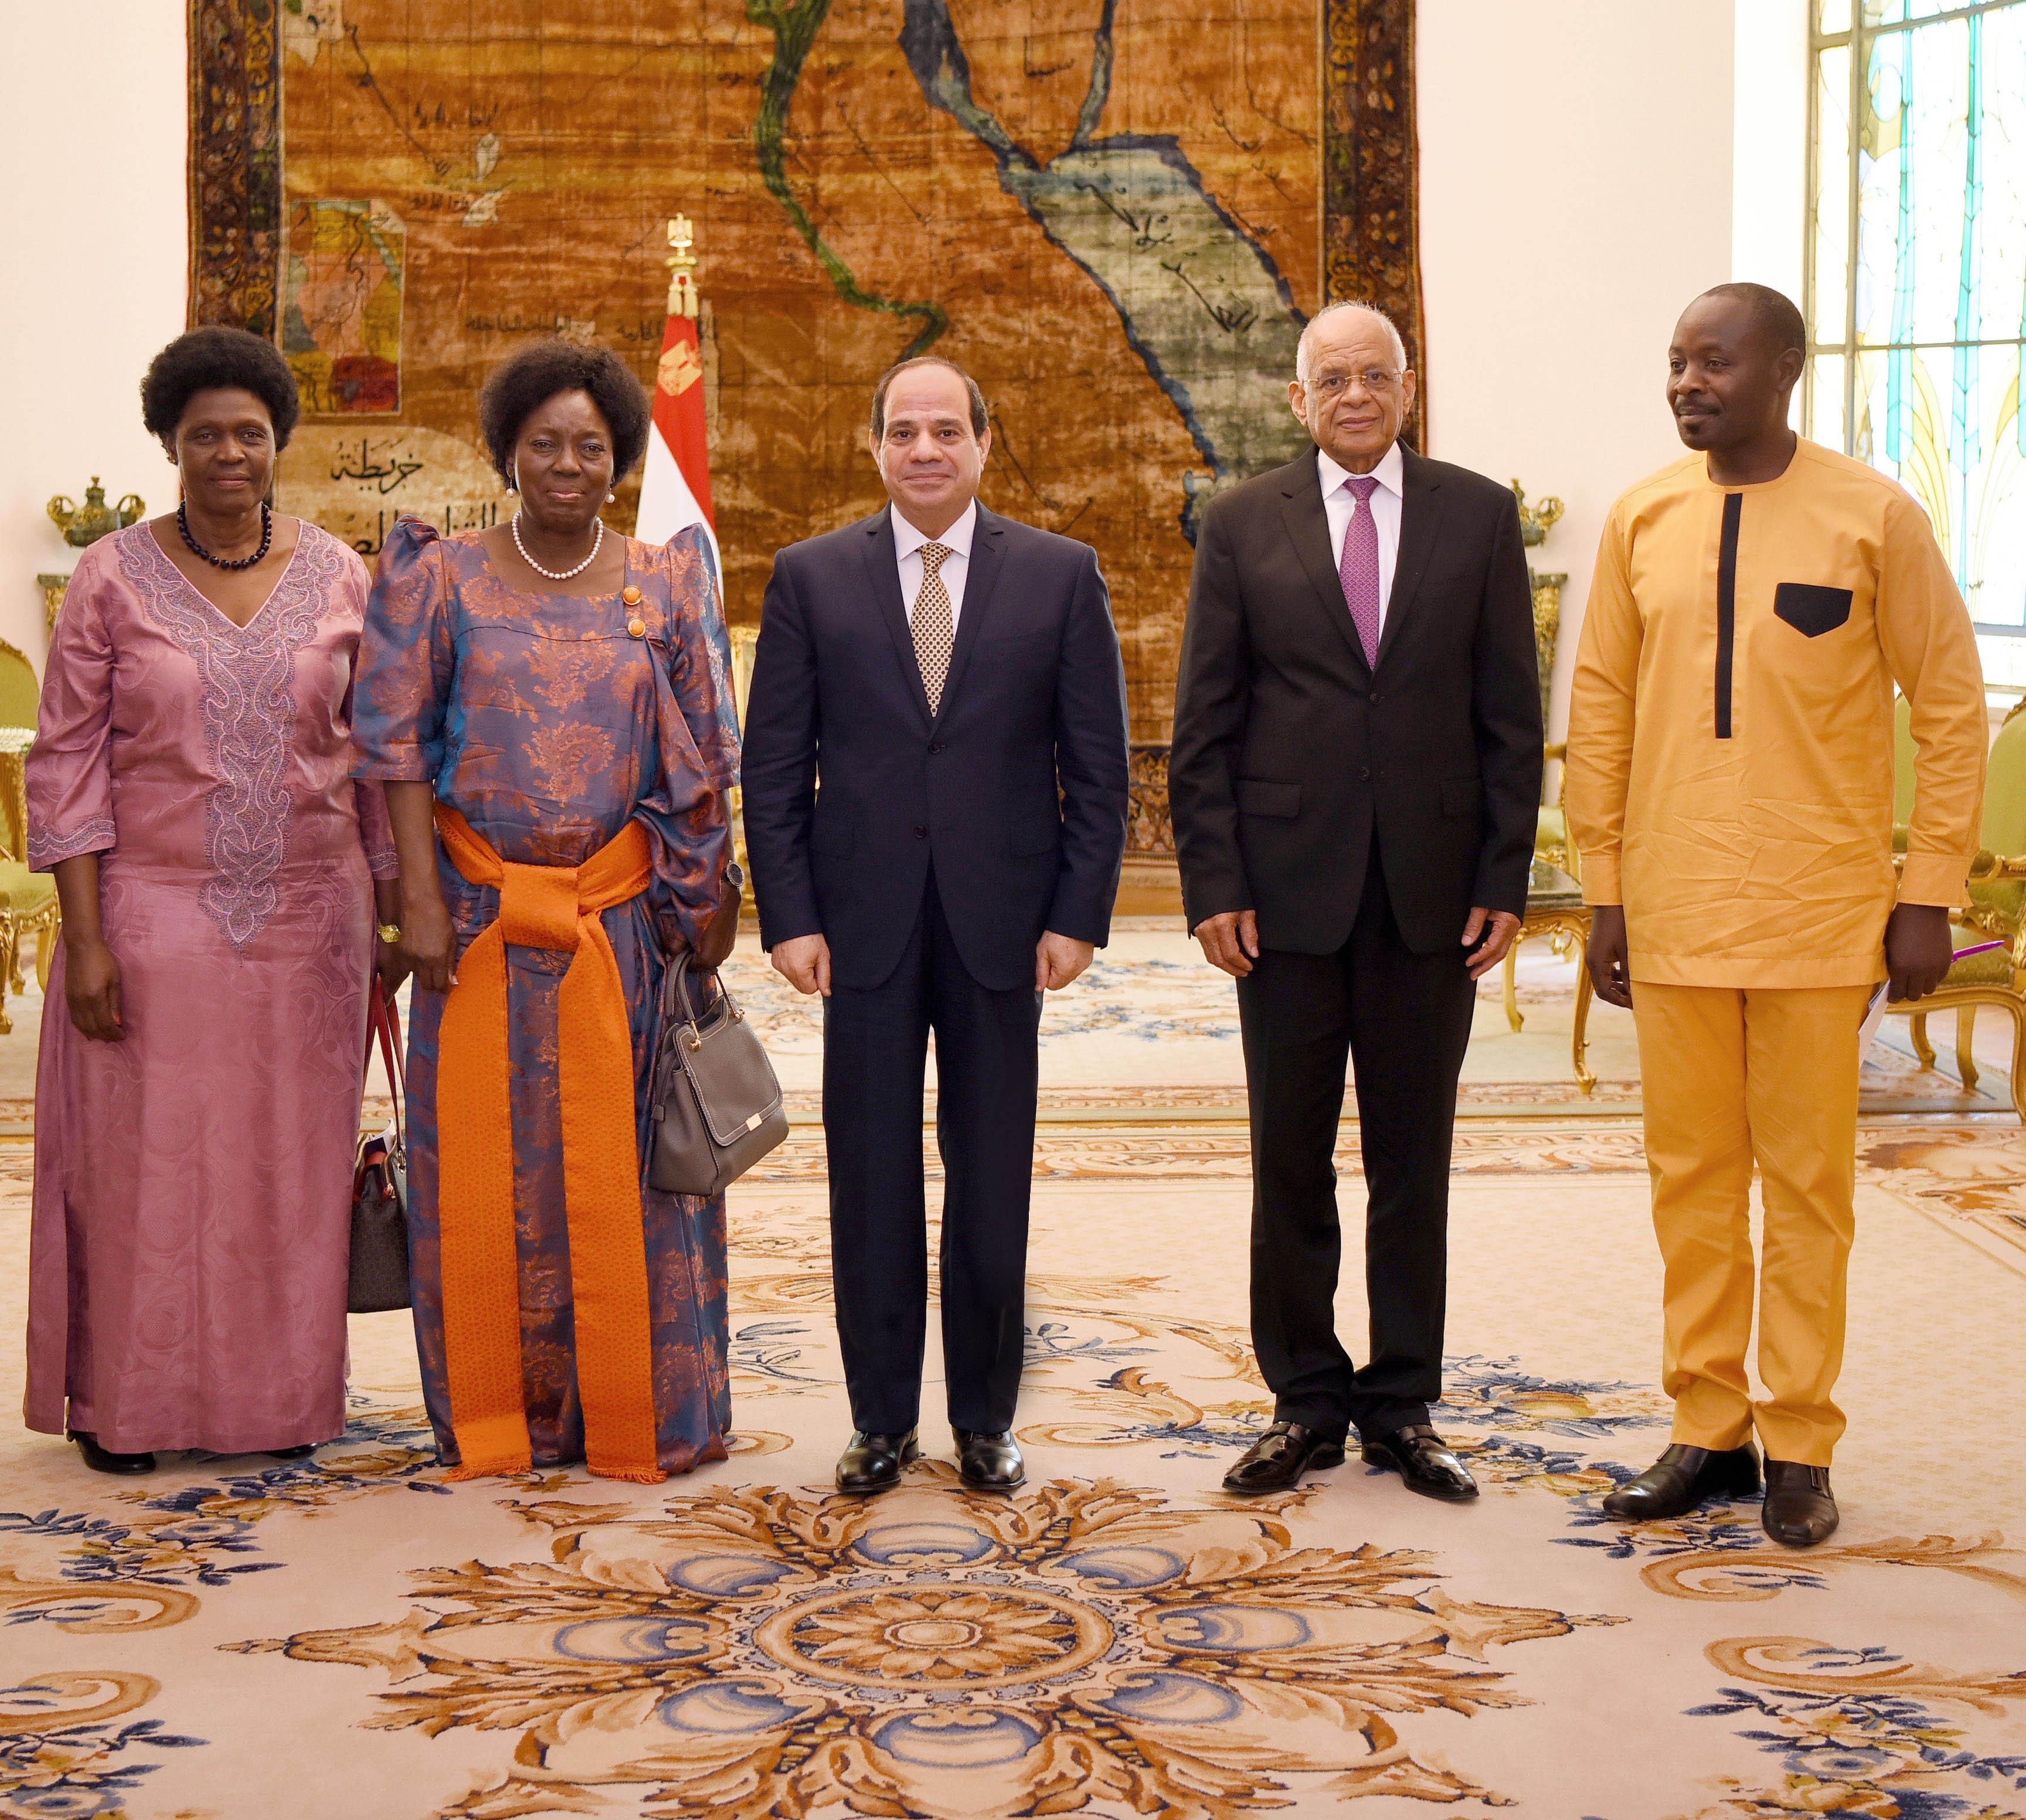 السيسى يستقبل رئيسة برلمان أوغندا (1)